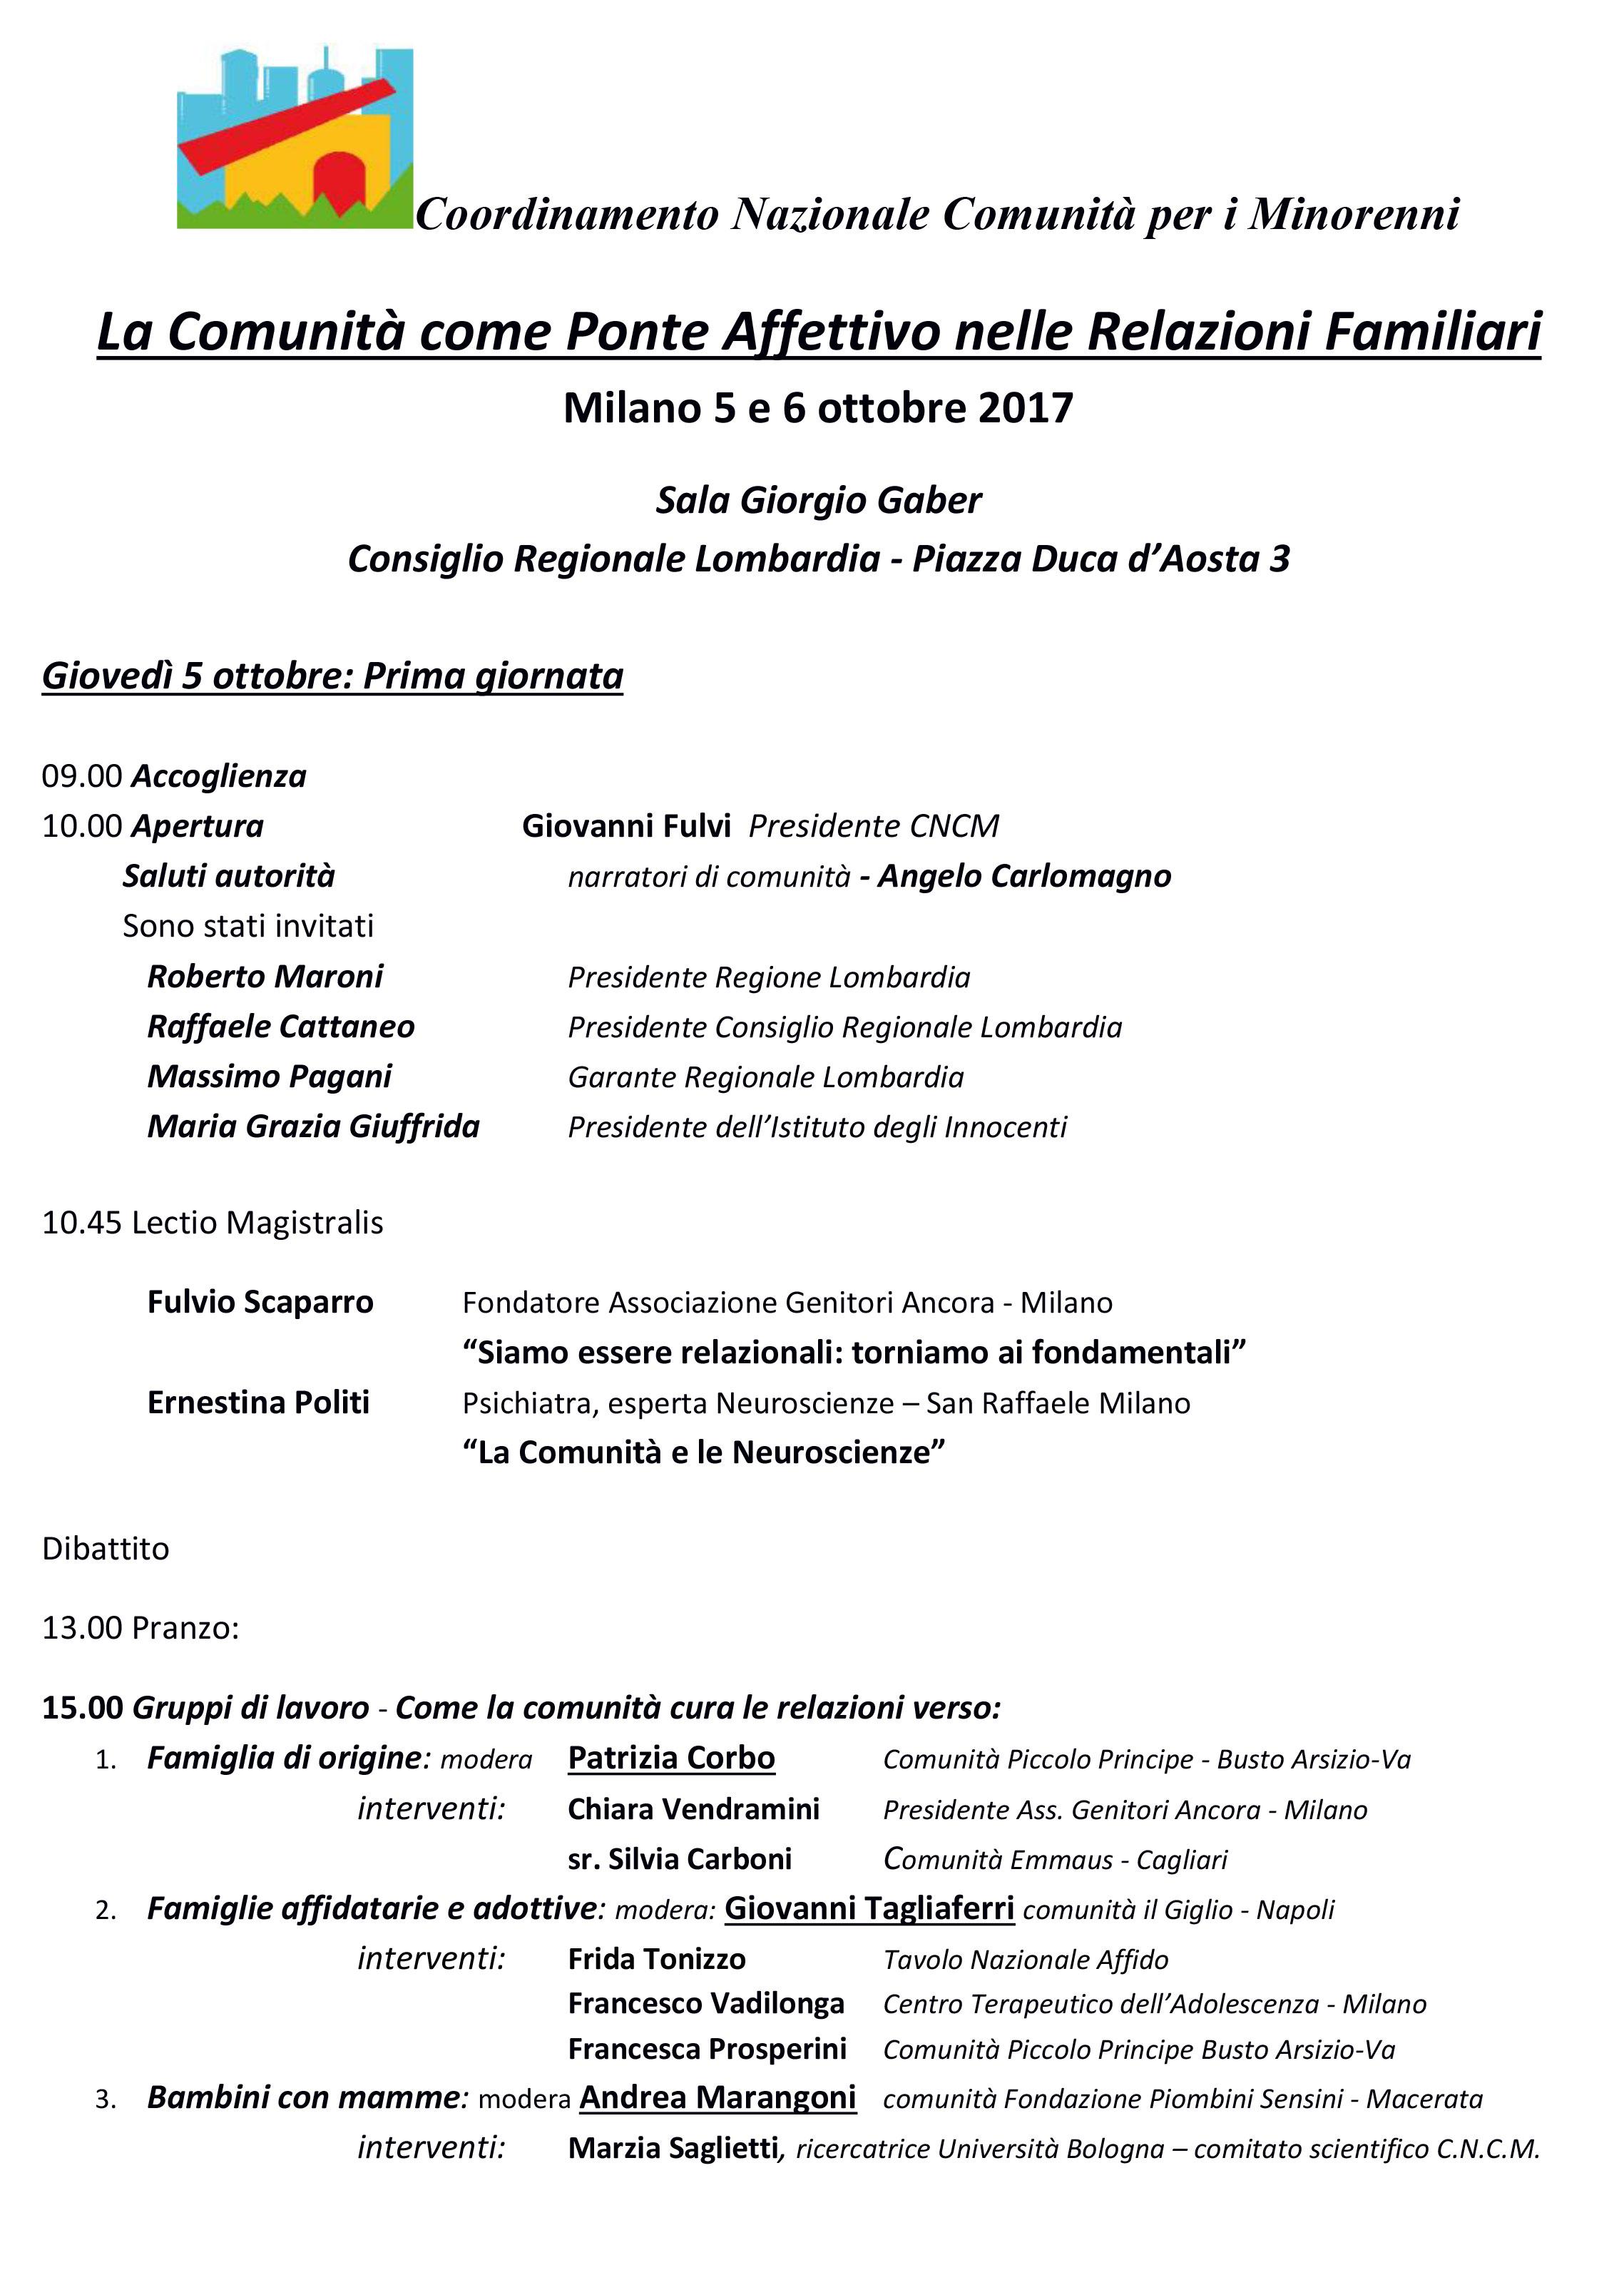 programma-convegno-milano-2017-1